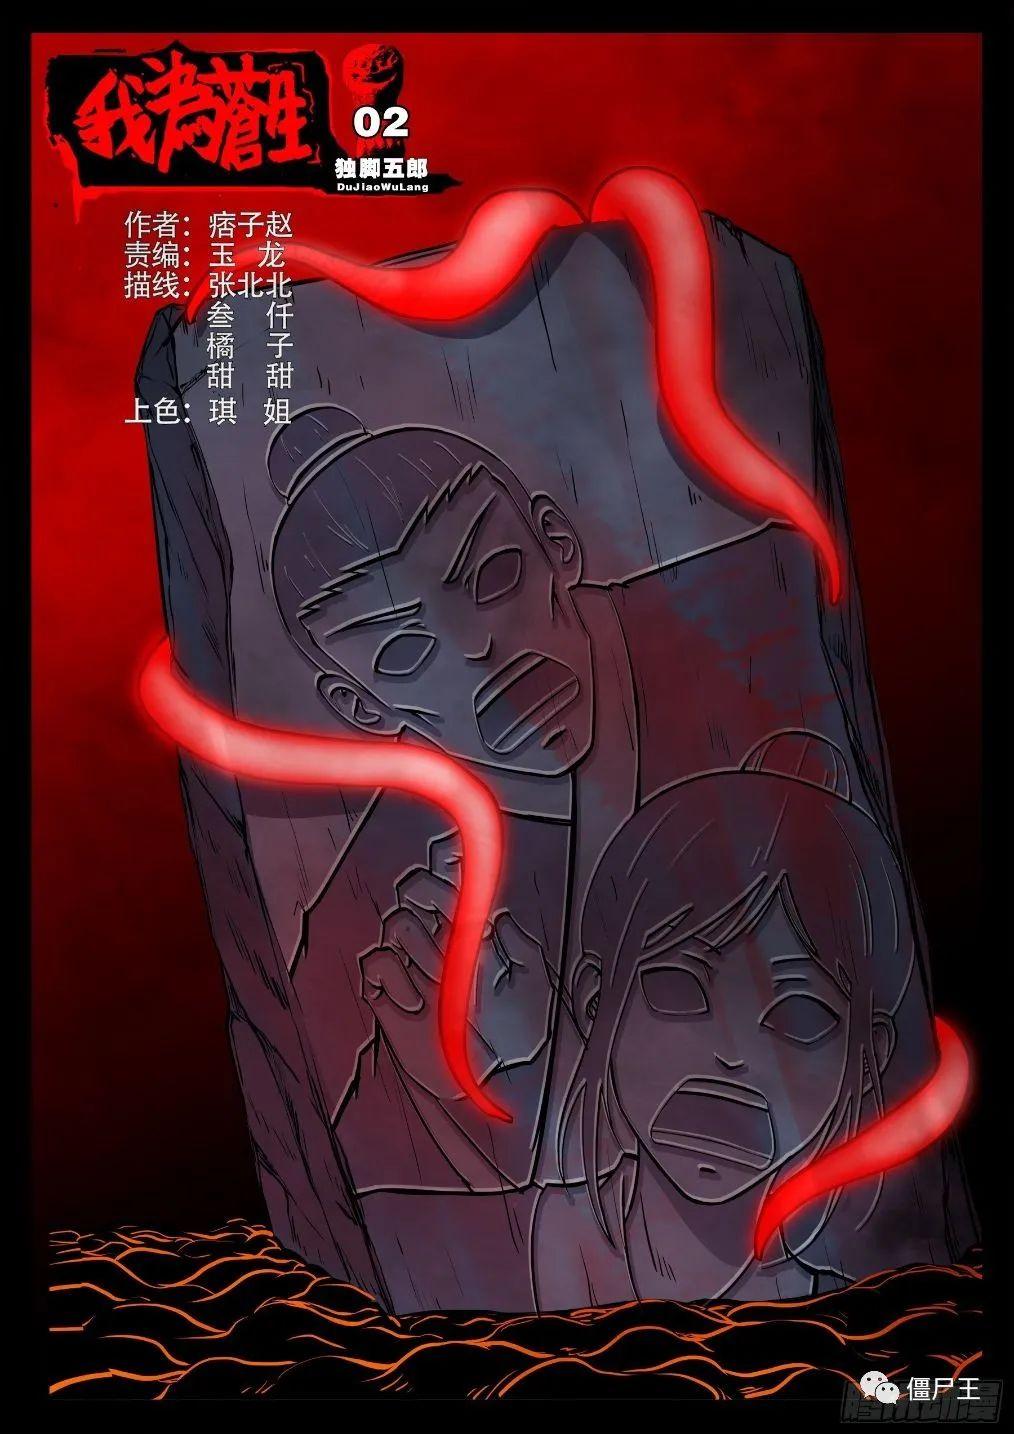 僵尸王漫画:《我为苍生》独脚五郎 02